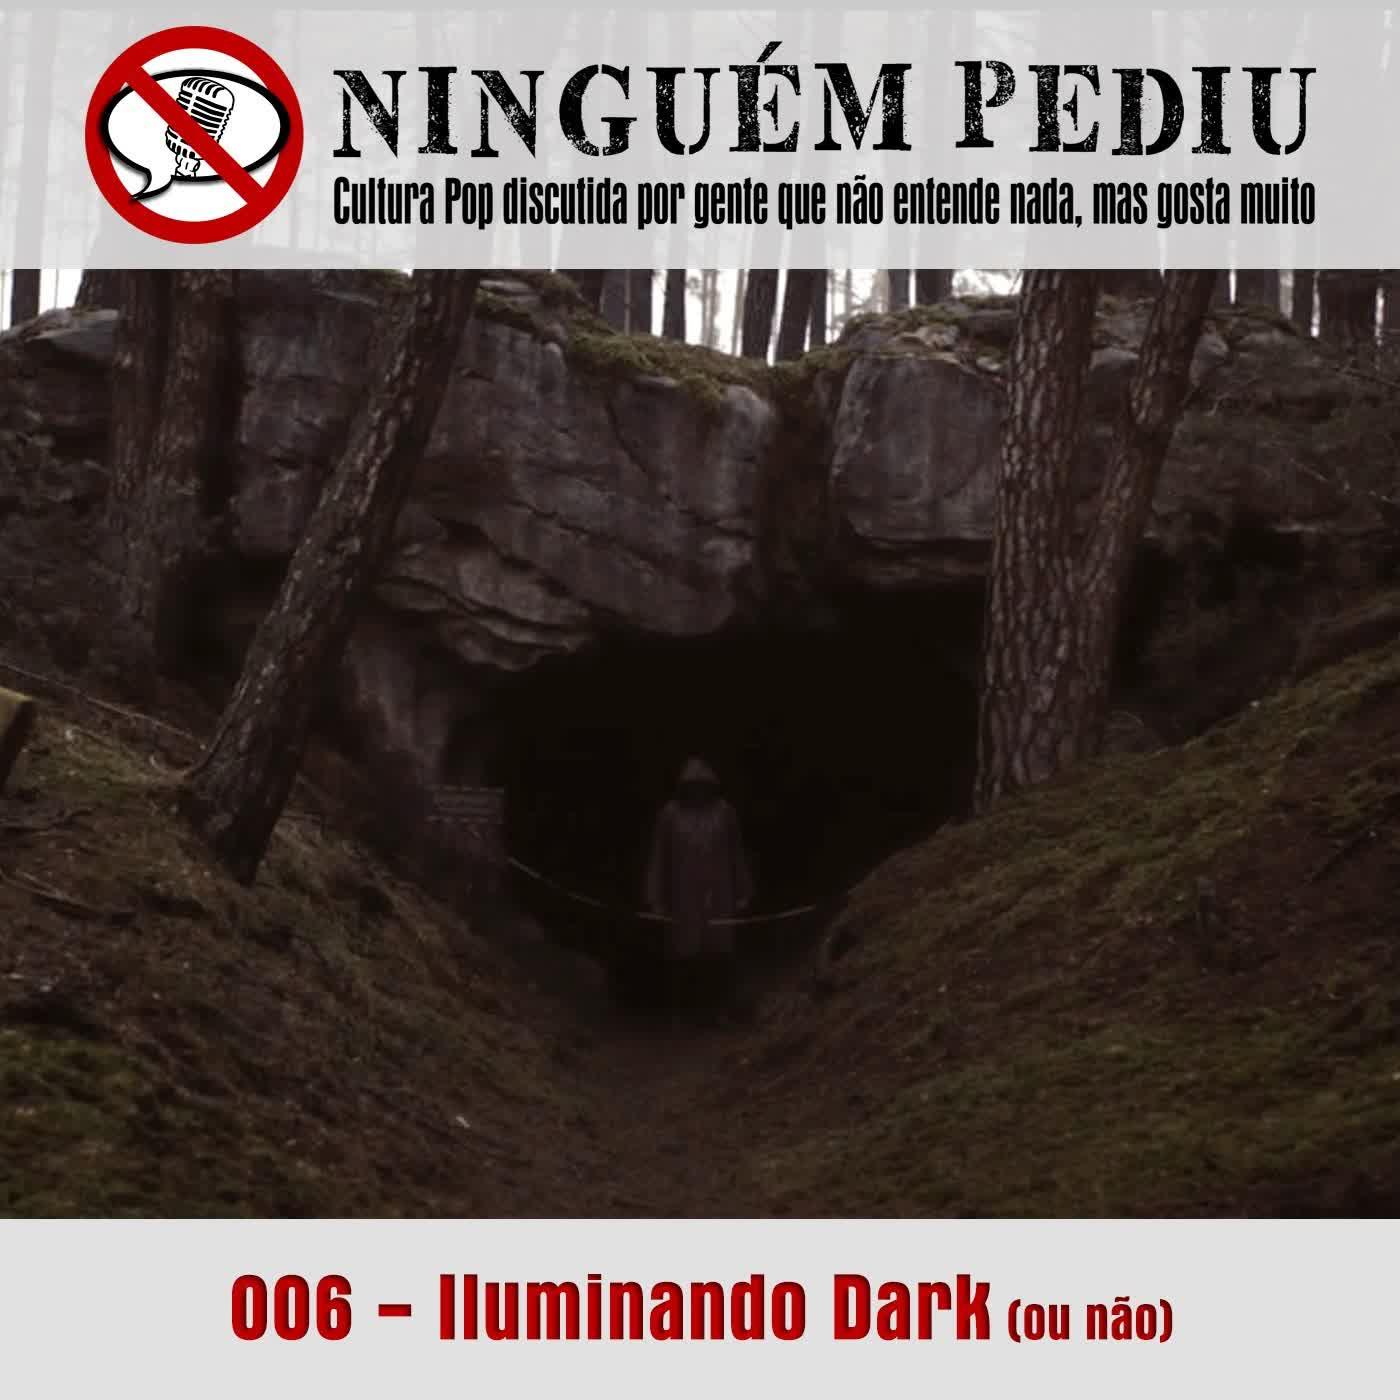 006 - Iluminando Dark